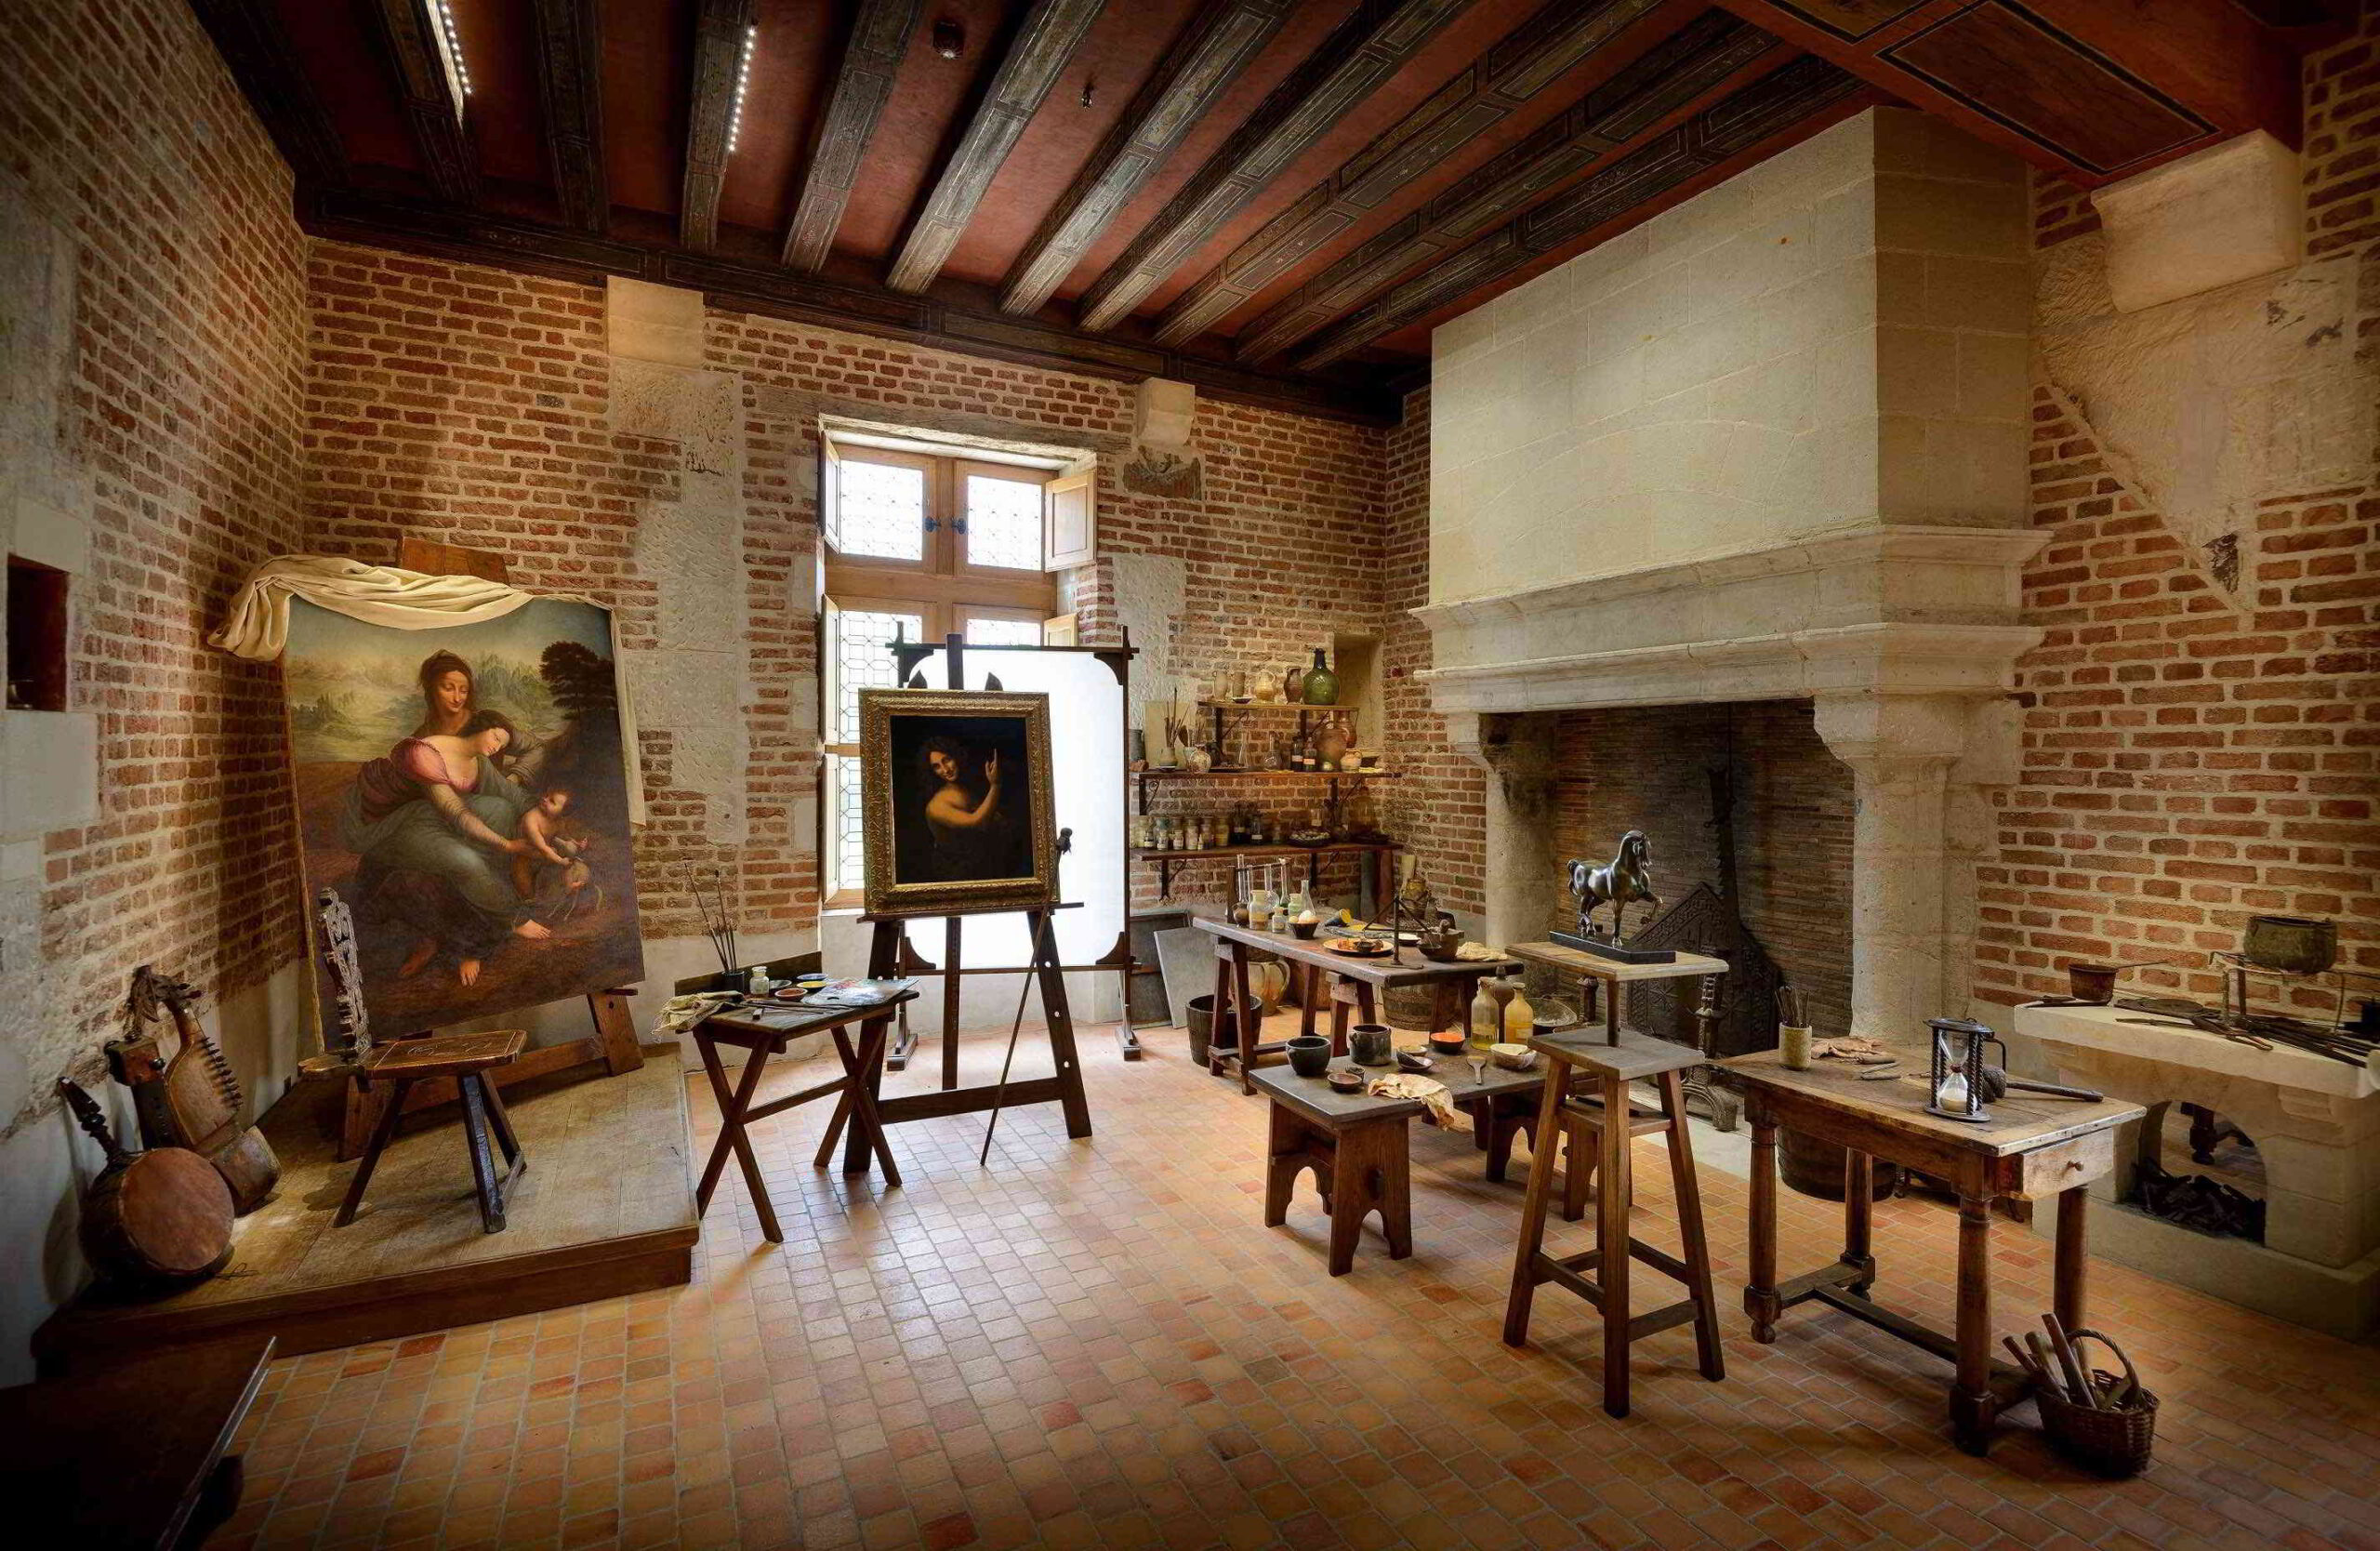 Ateliers de Leonard Leonard de Serres